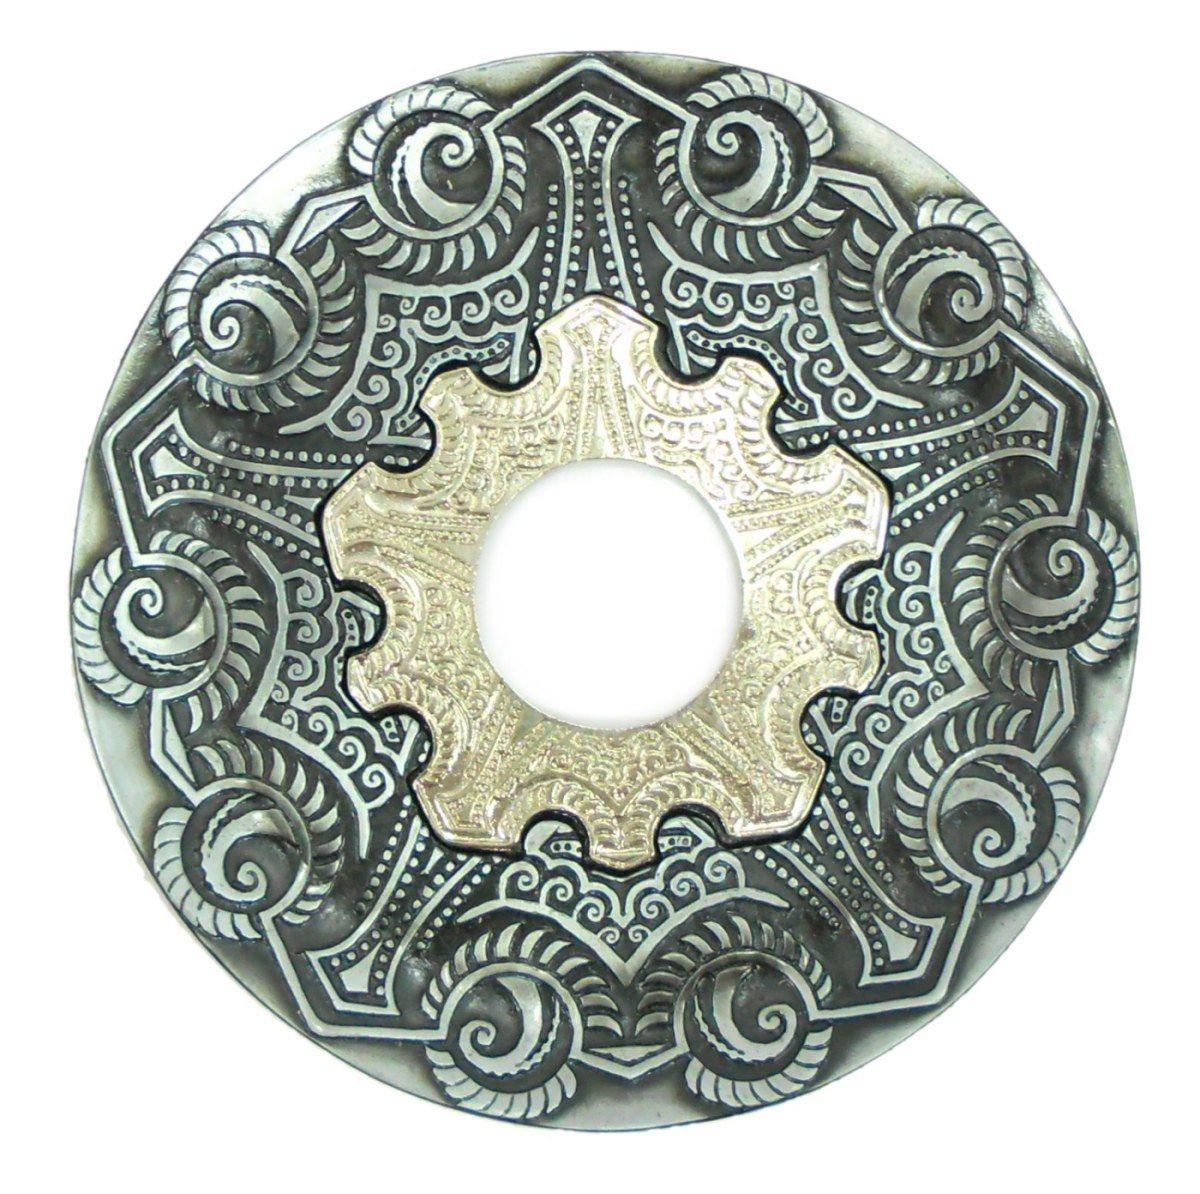 Prato para narguile modelo Vennus 17cm de diâmetro. Liga metálica inox e decorado. PRETO ESCOVADO.